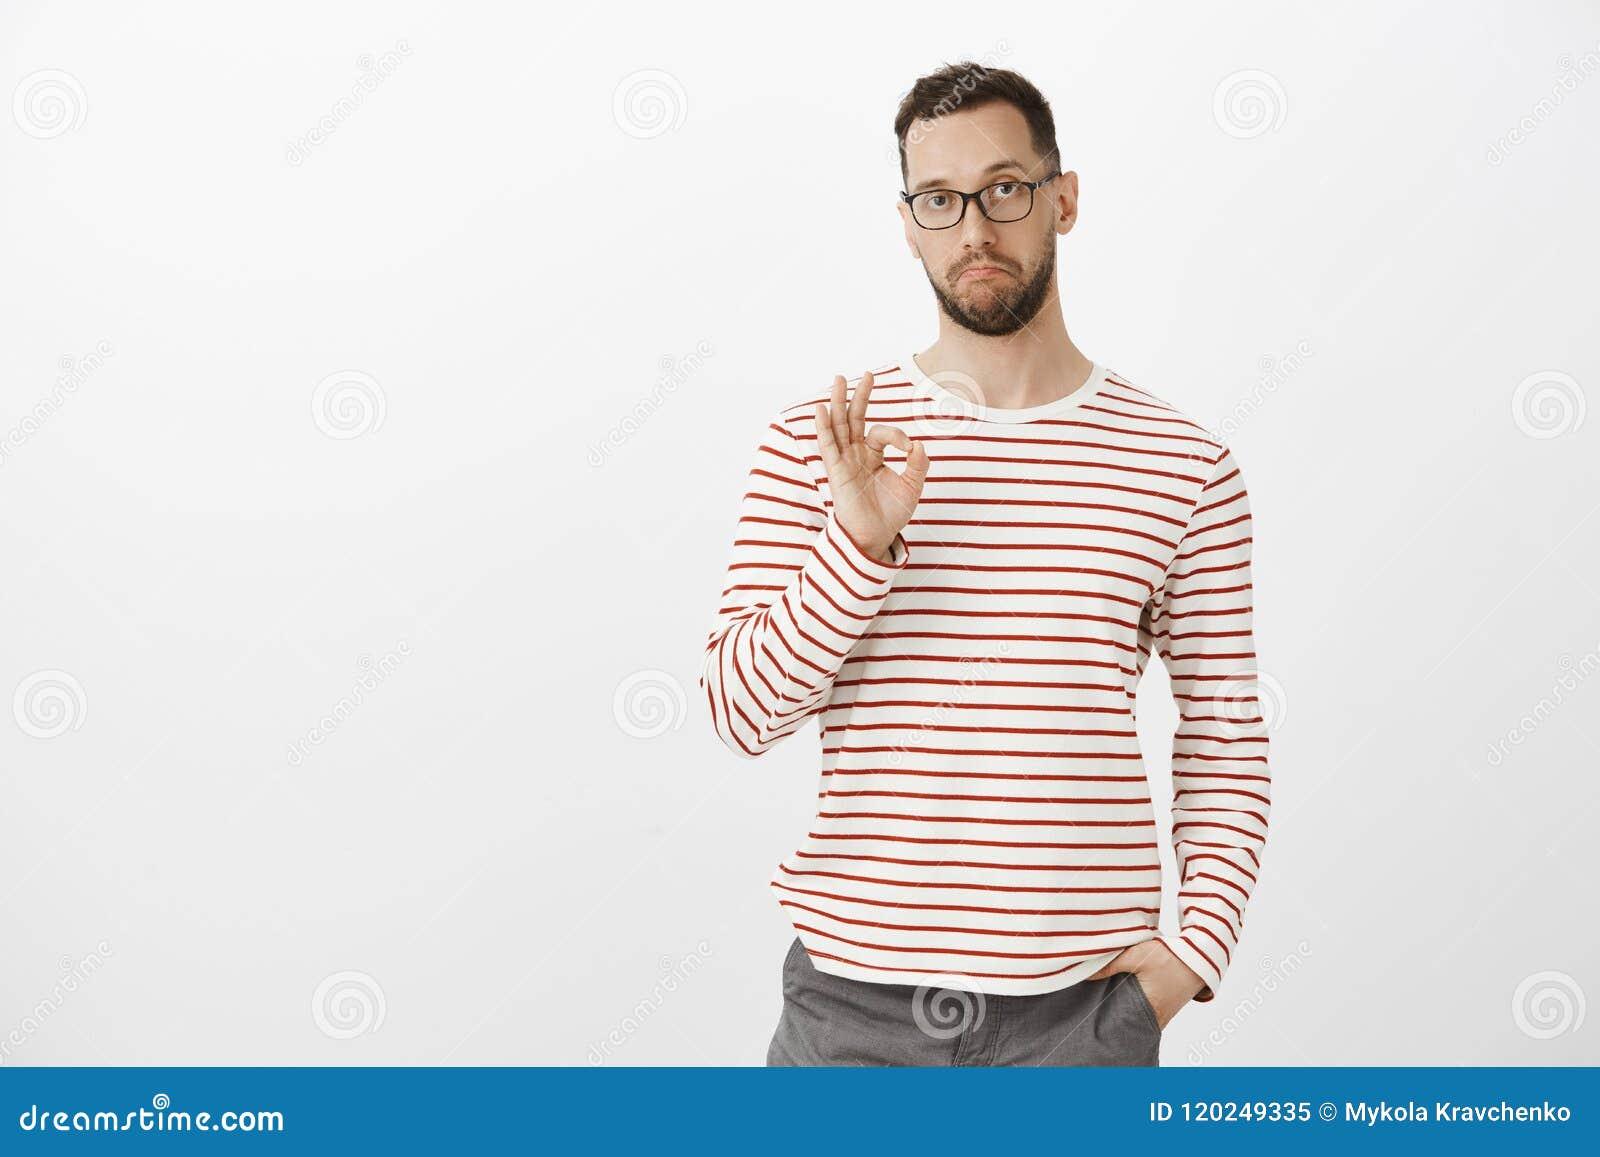 Μη κακός, όπως την ιδέα σας, καλή εργασία Ικανοποιημένος εντυπωσιασμένος ελκυστικός ώριμος τύπος στα γυαλιά και τα ριγωτά ενδύματ